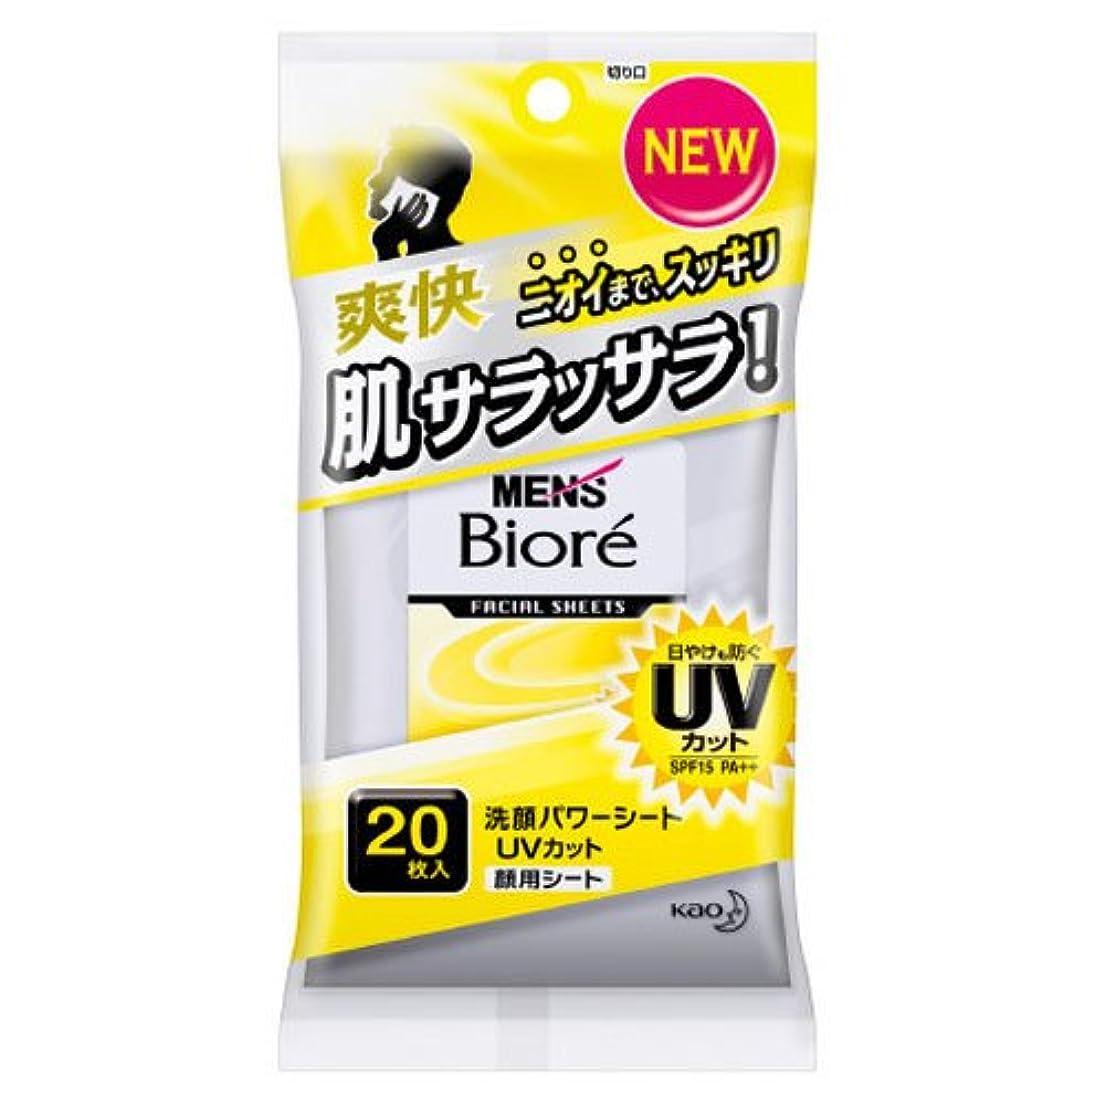 珍味複製たくさん花王 メンズビオレ 洗顔パワーシート UV 携帯タイプ 20枚入 1個